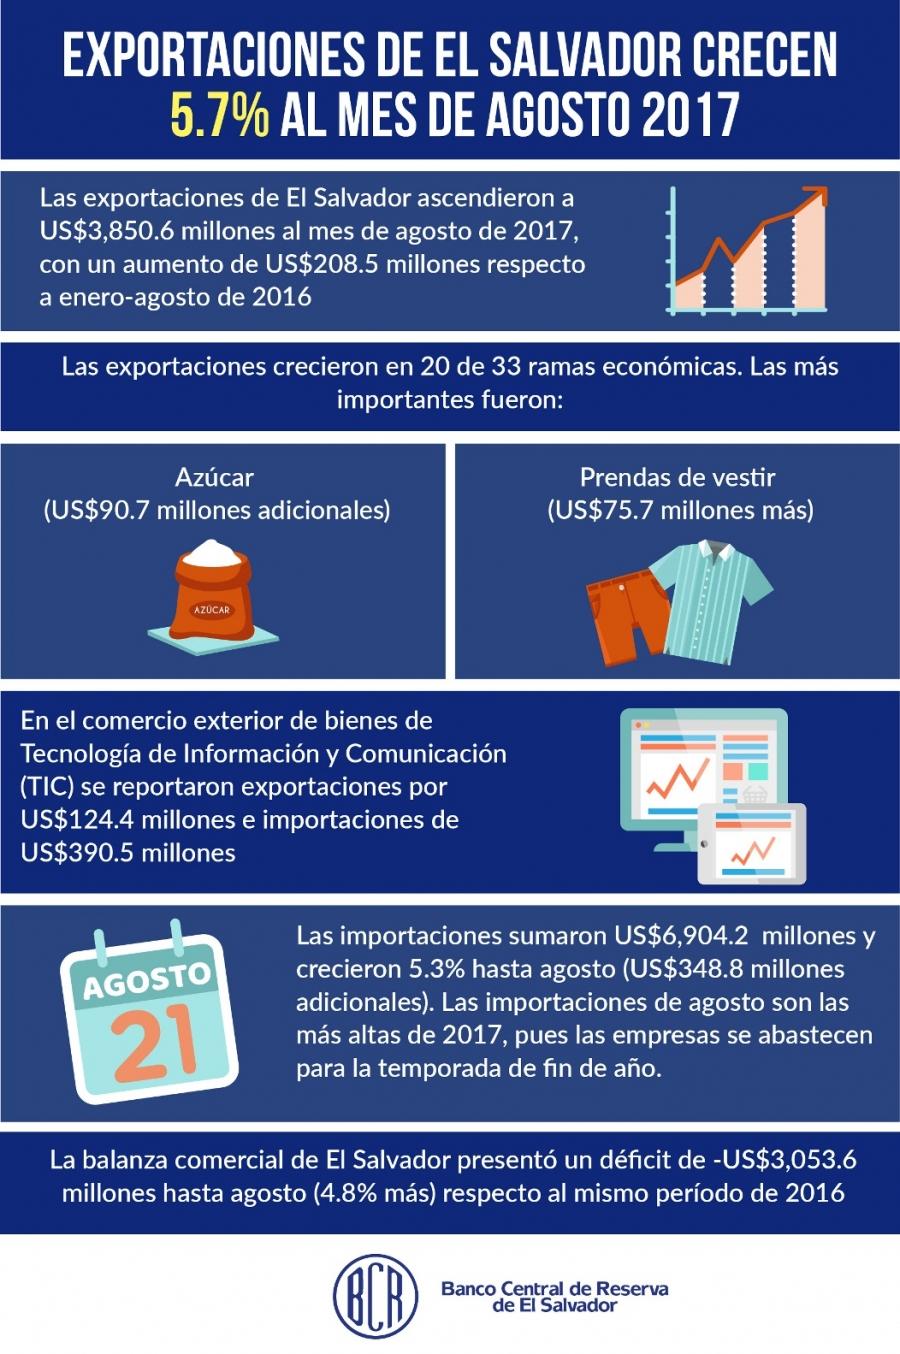 Exportaciones de El Salvador crecen 5.7% al mes de agosto 2017